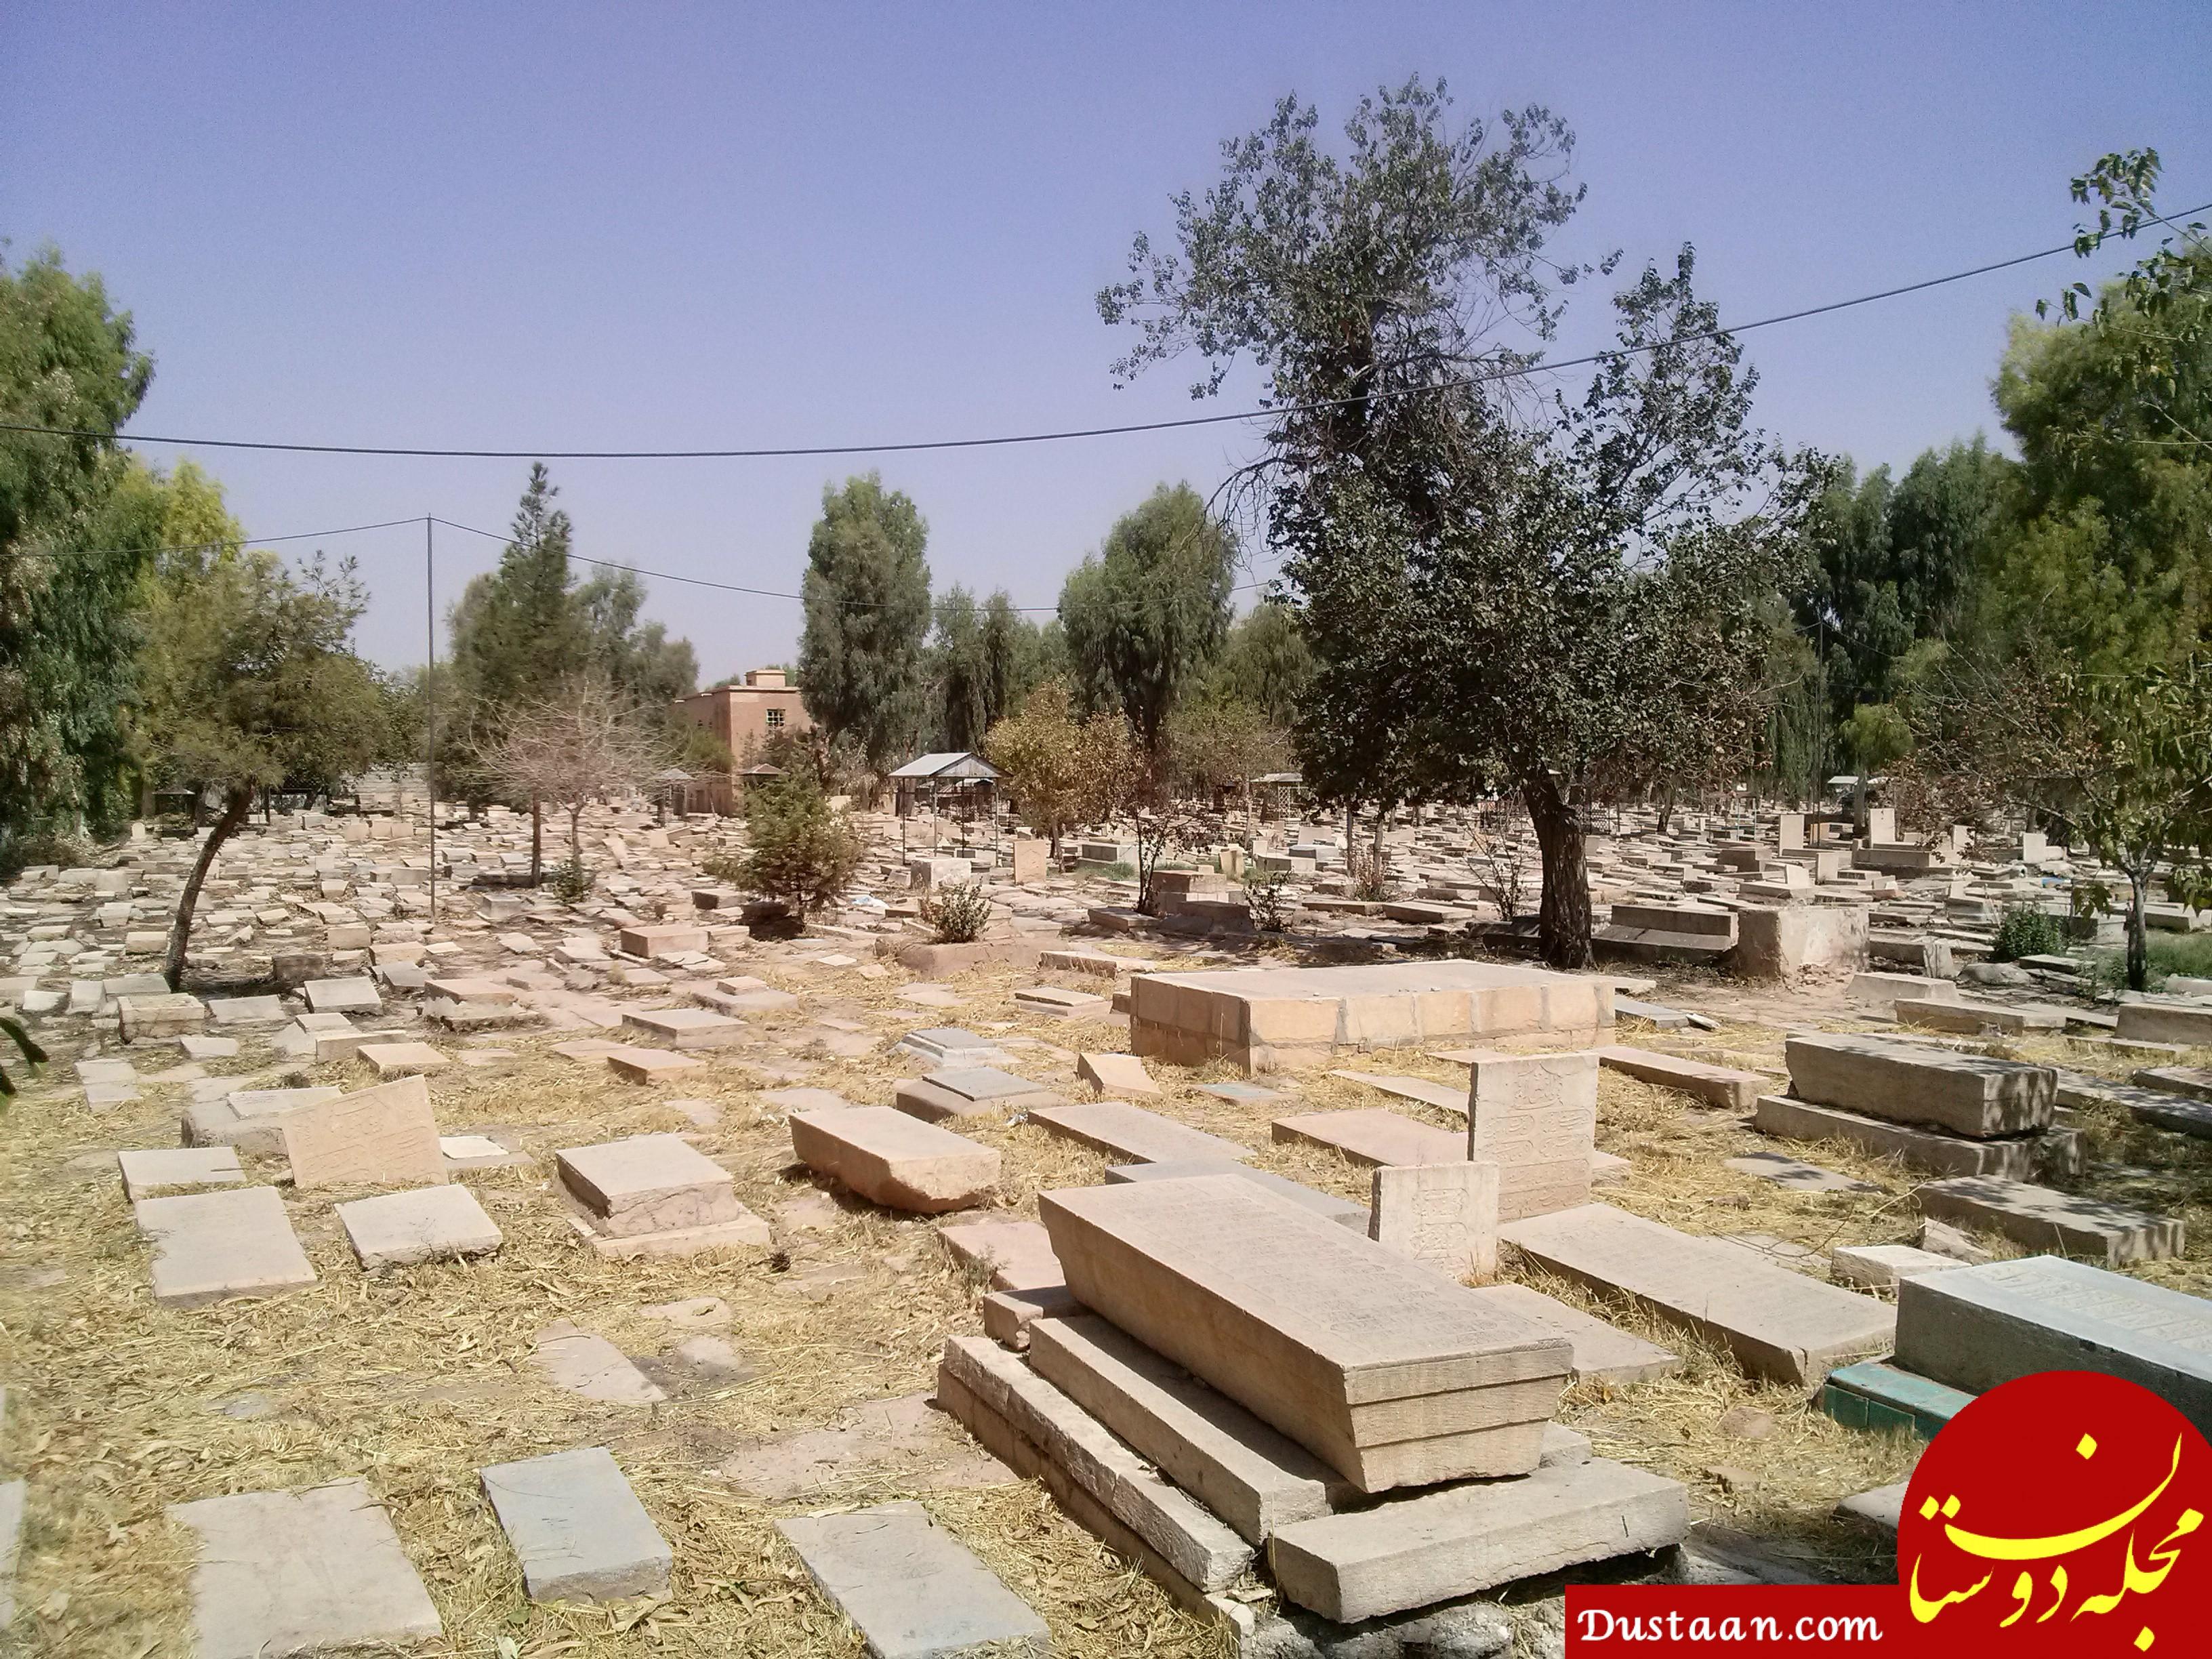 www.dustaan.com ماجرای عجیب پسر مُرده ای که پس از 3 روز به خانه بازگشت